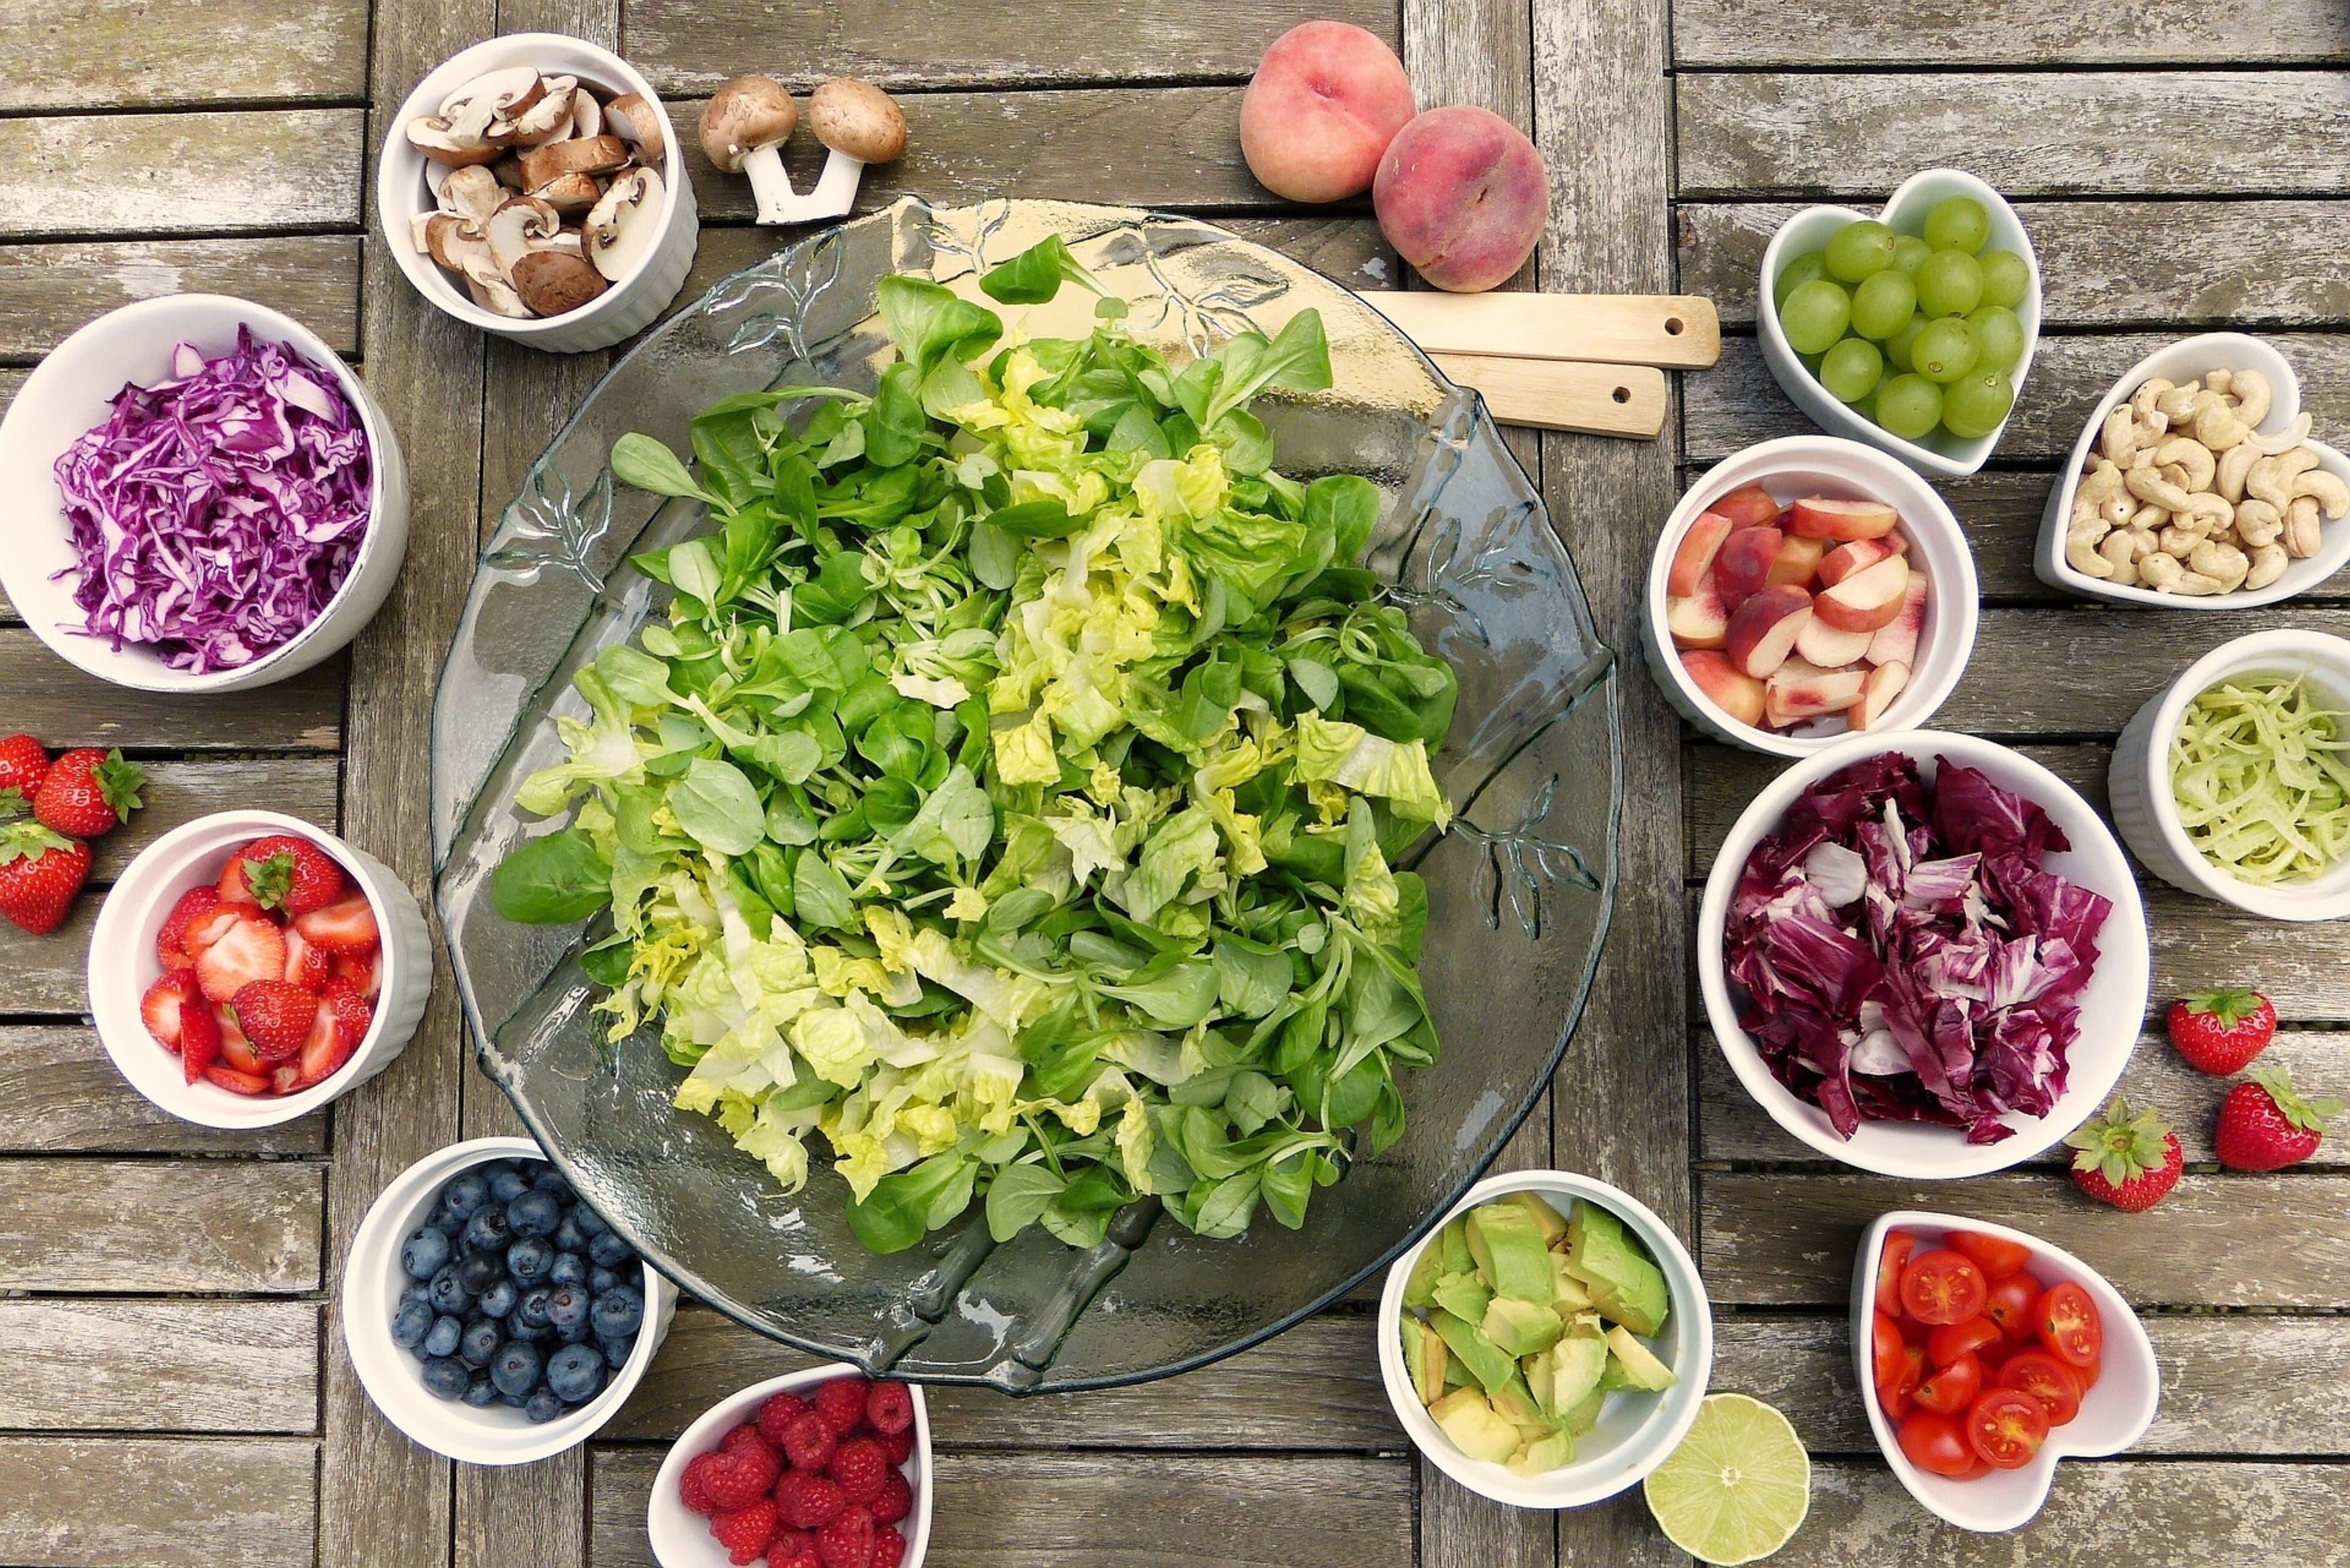 Elabora opciones  naturales para mantener o recuperar la salud mediante el uso adecuado de los alimentos.